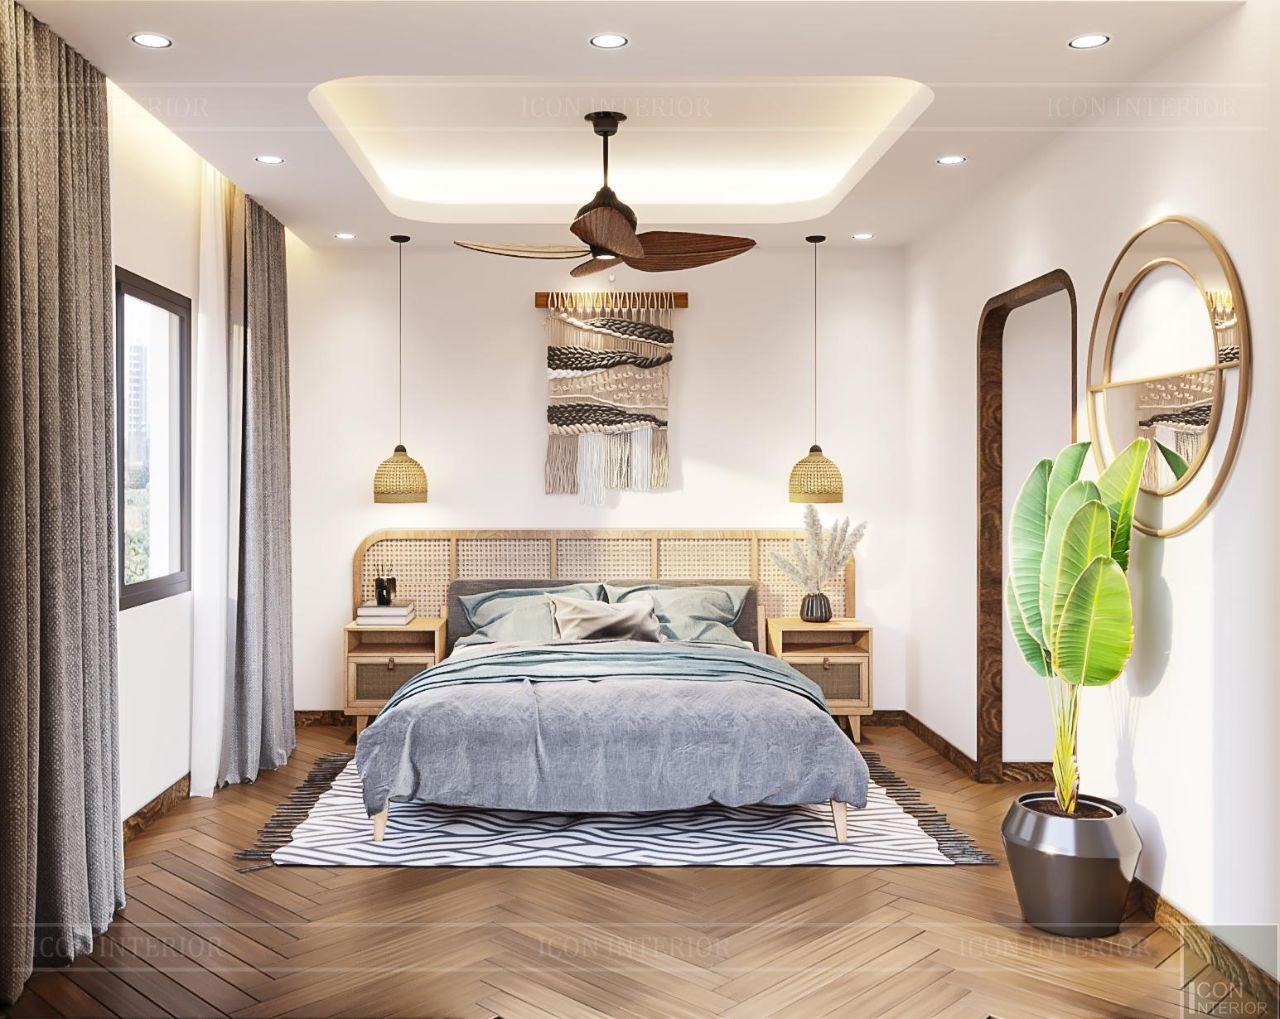 trang trí nội hất phòng ngủ biệt thự